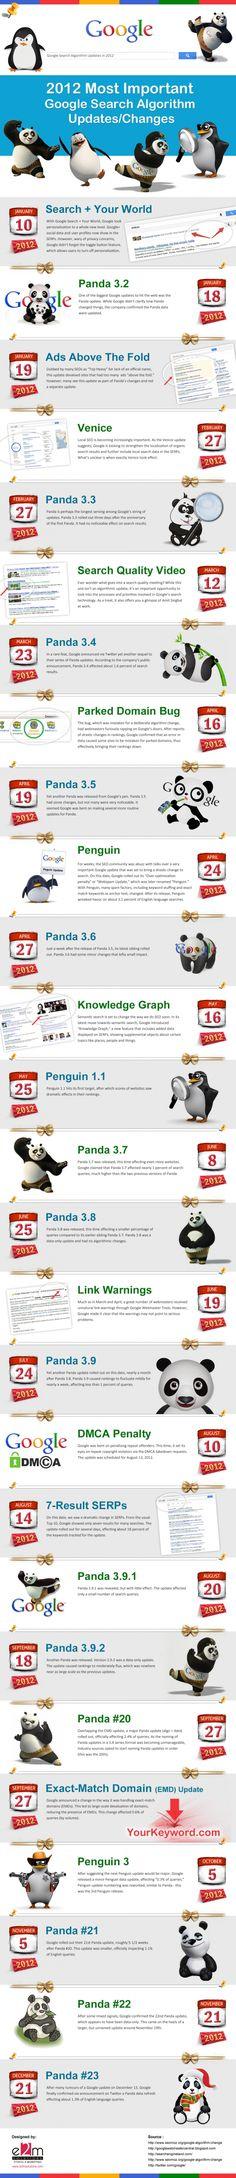 Resumen de los más importantes cambios del algoritmo de Google durante el 2012. #Infografía en inglés.